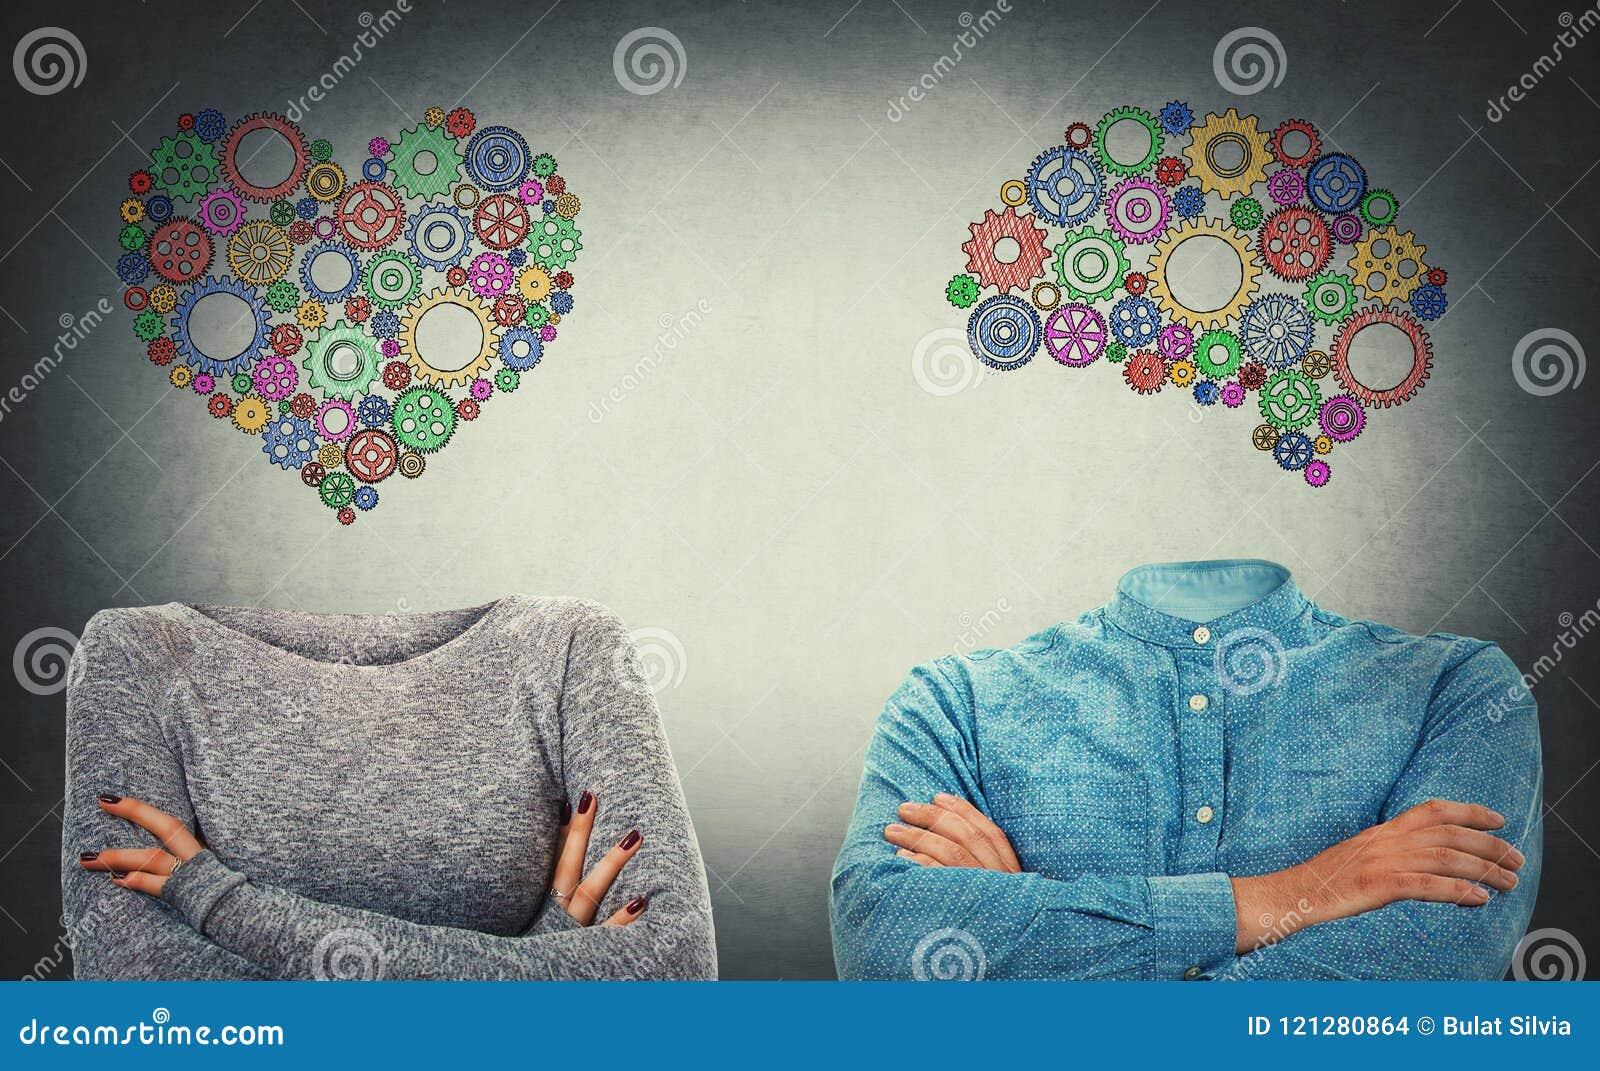 Выберите сердце или разум